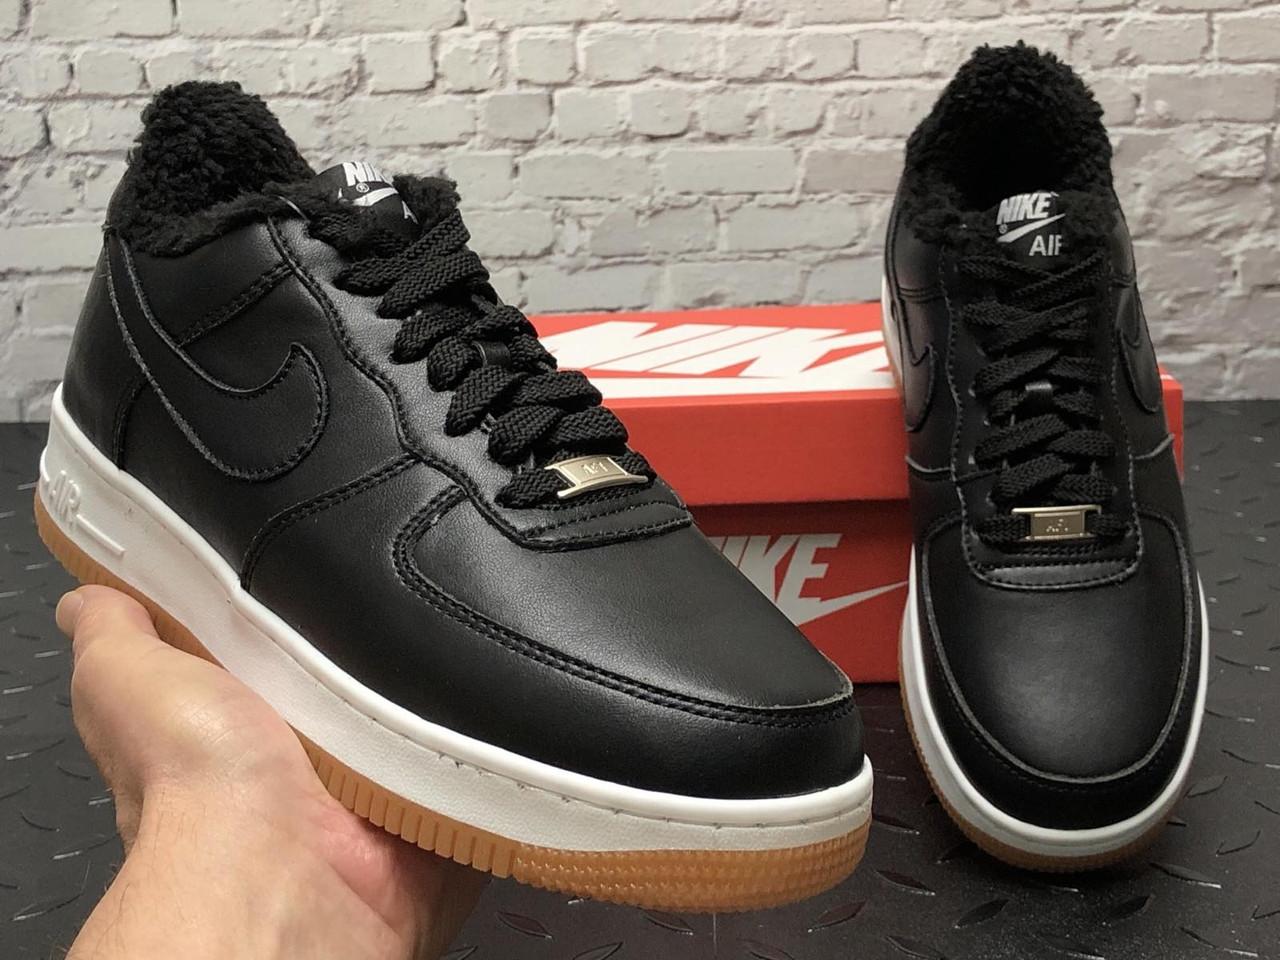 Зимние мужские кроссовки на меху Nike Air Force, найк аир форс